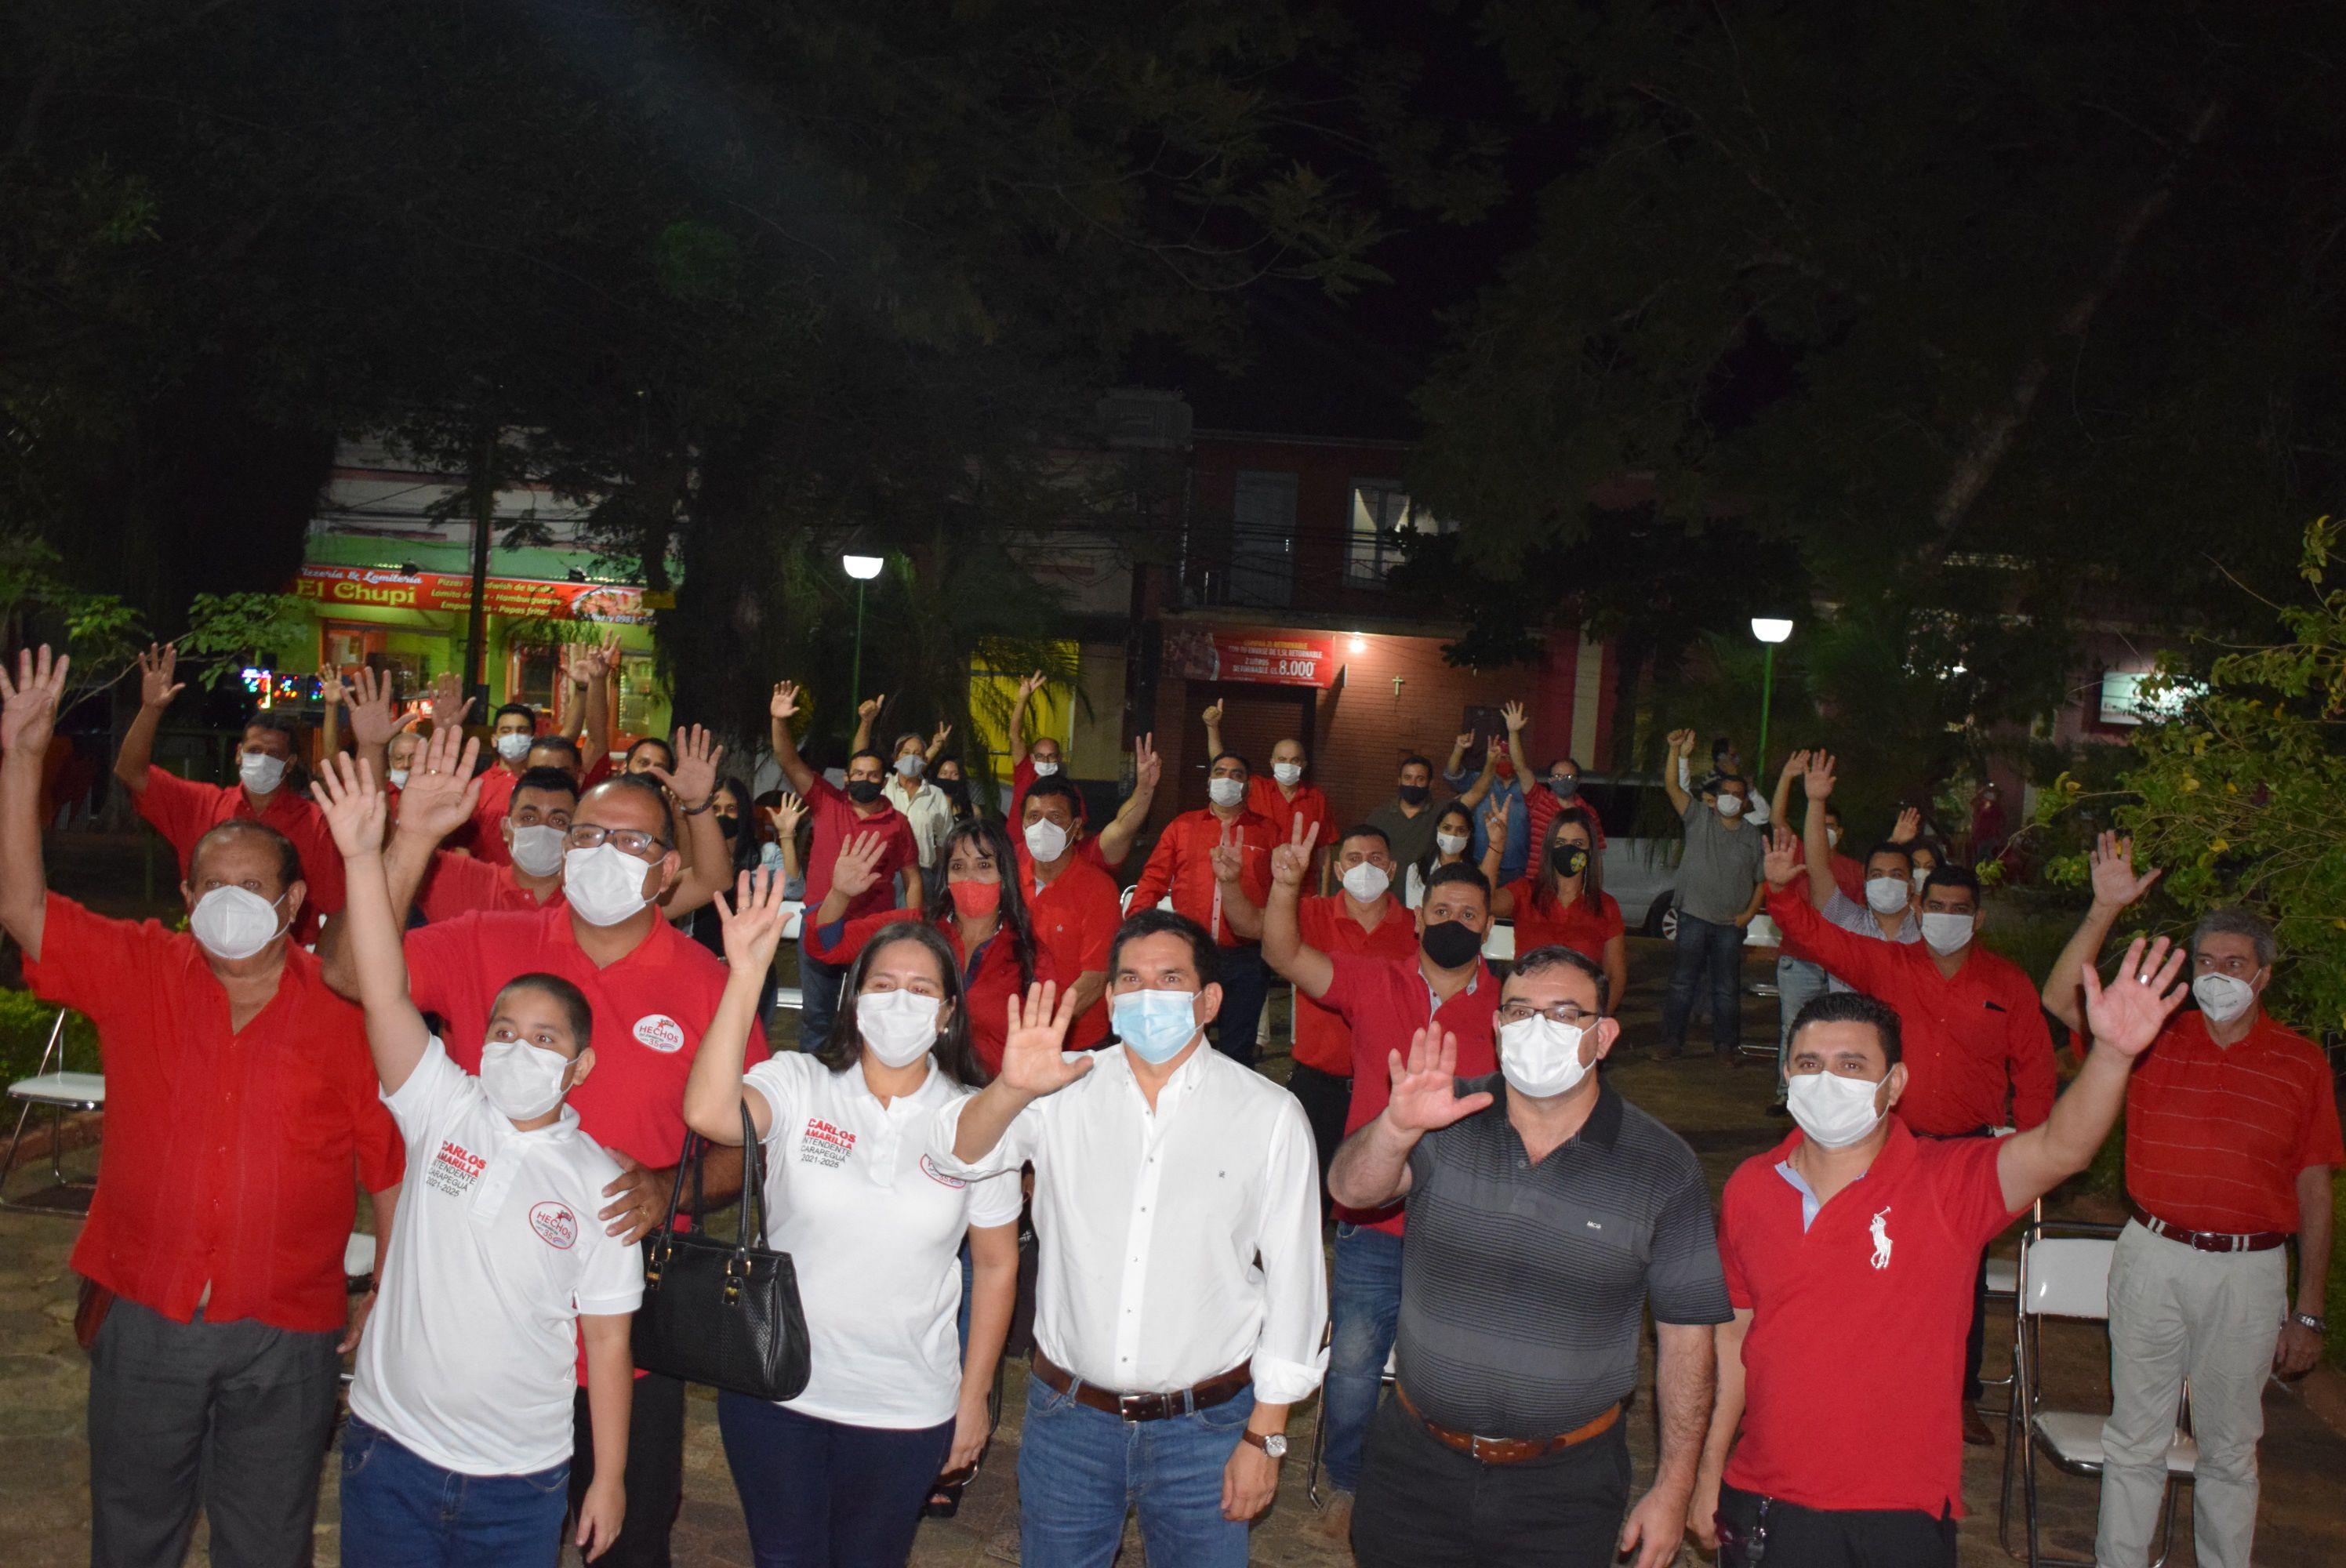 Los precandidatos a la intendencia y concejalía prometen un gobierno transparente y sin corrupción